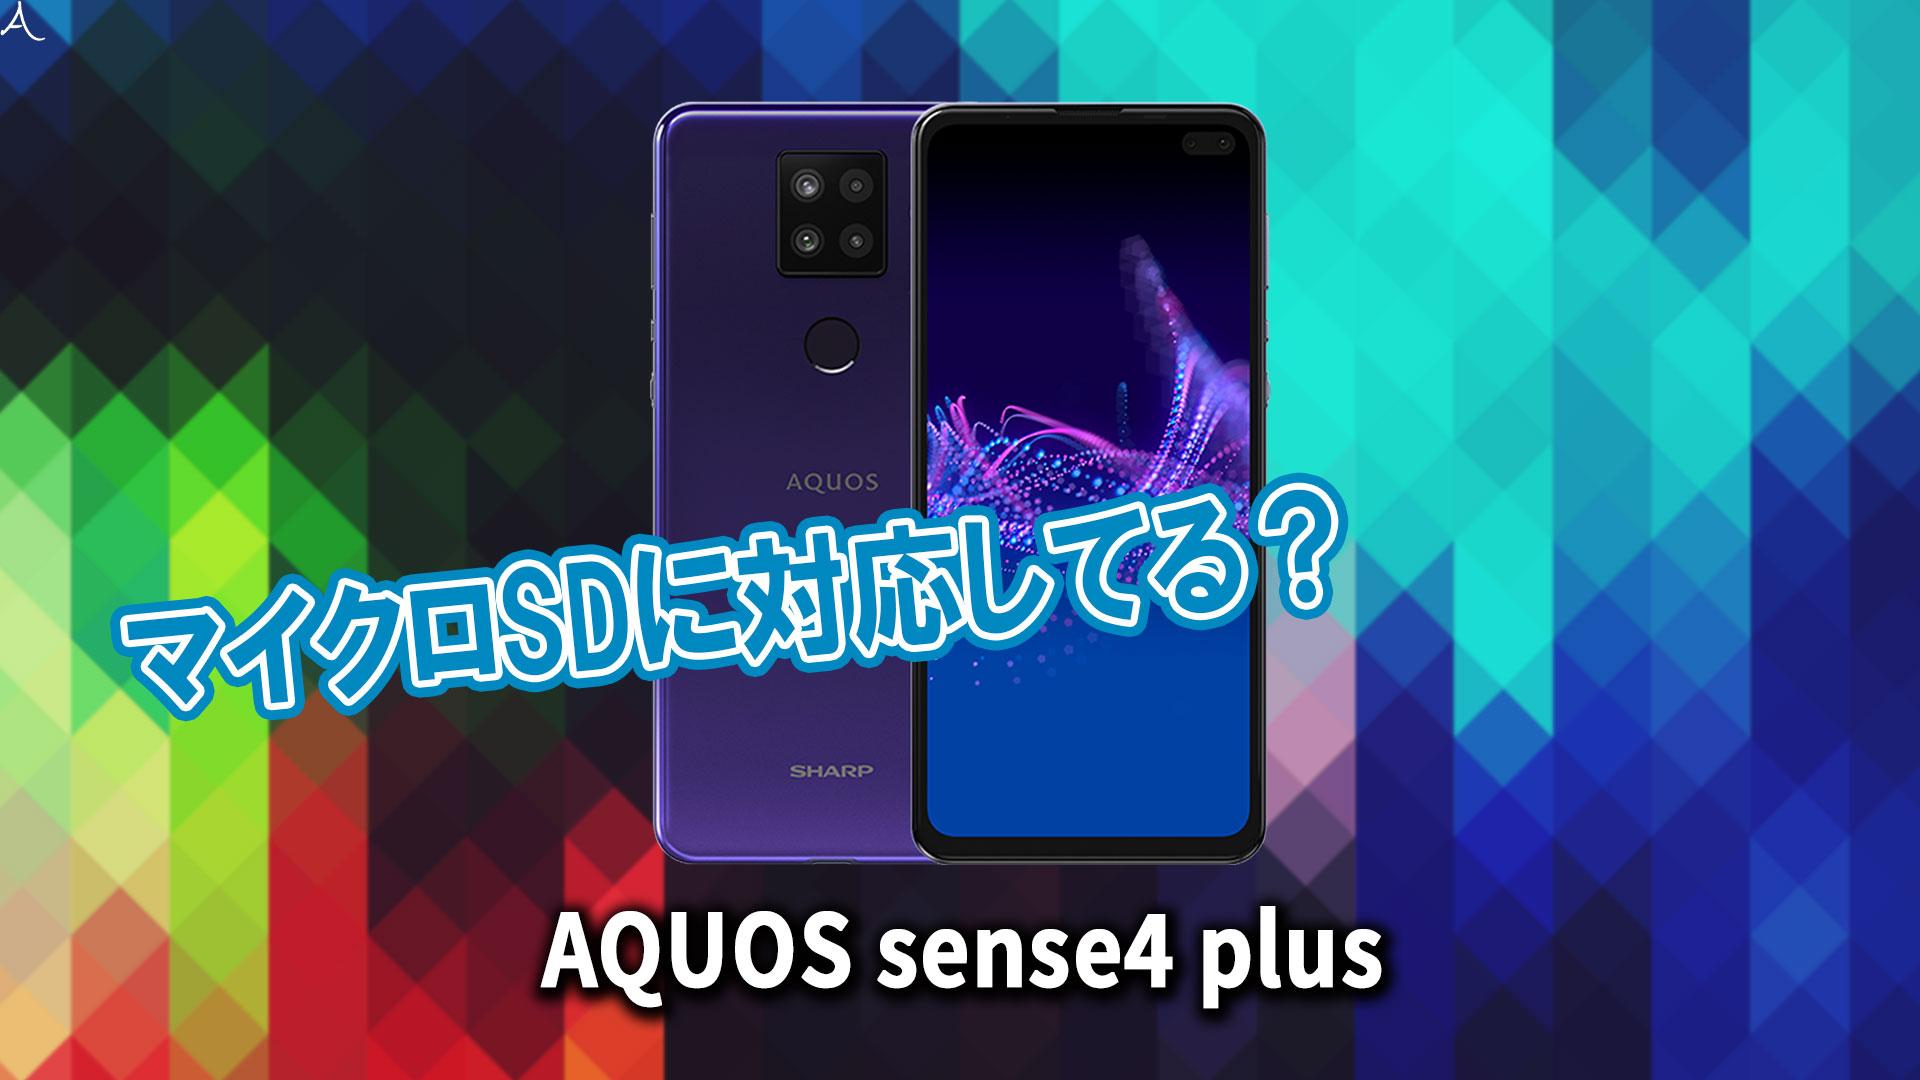 「AQUOS sense4 plus」はマイクロSDに対応してる?おすすめカードと正しい選び方